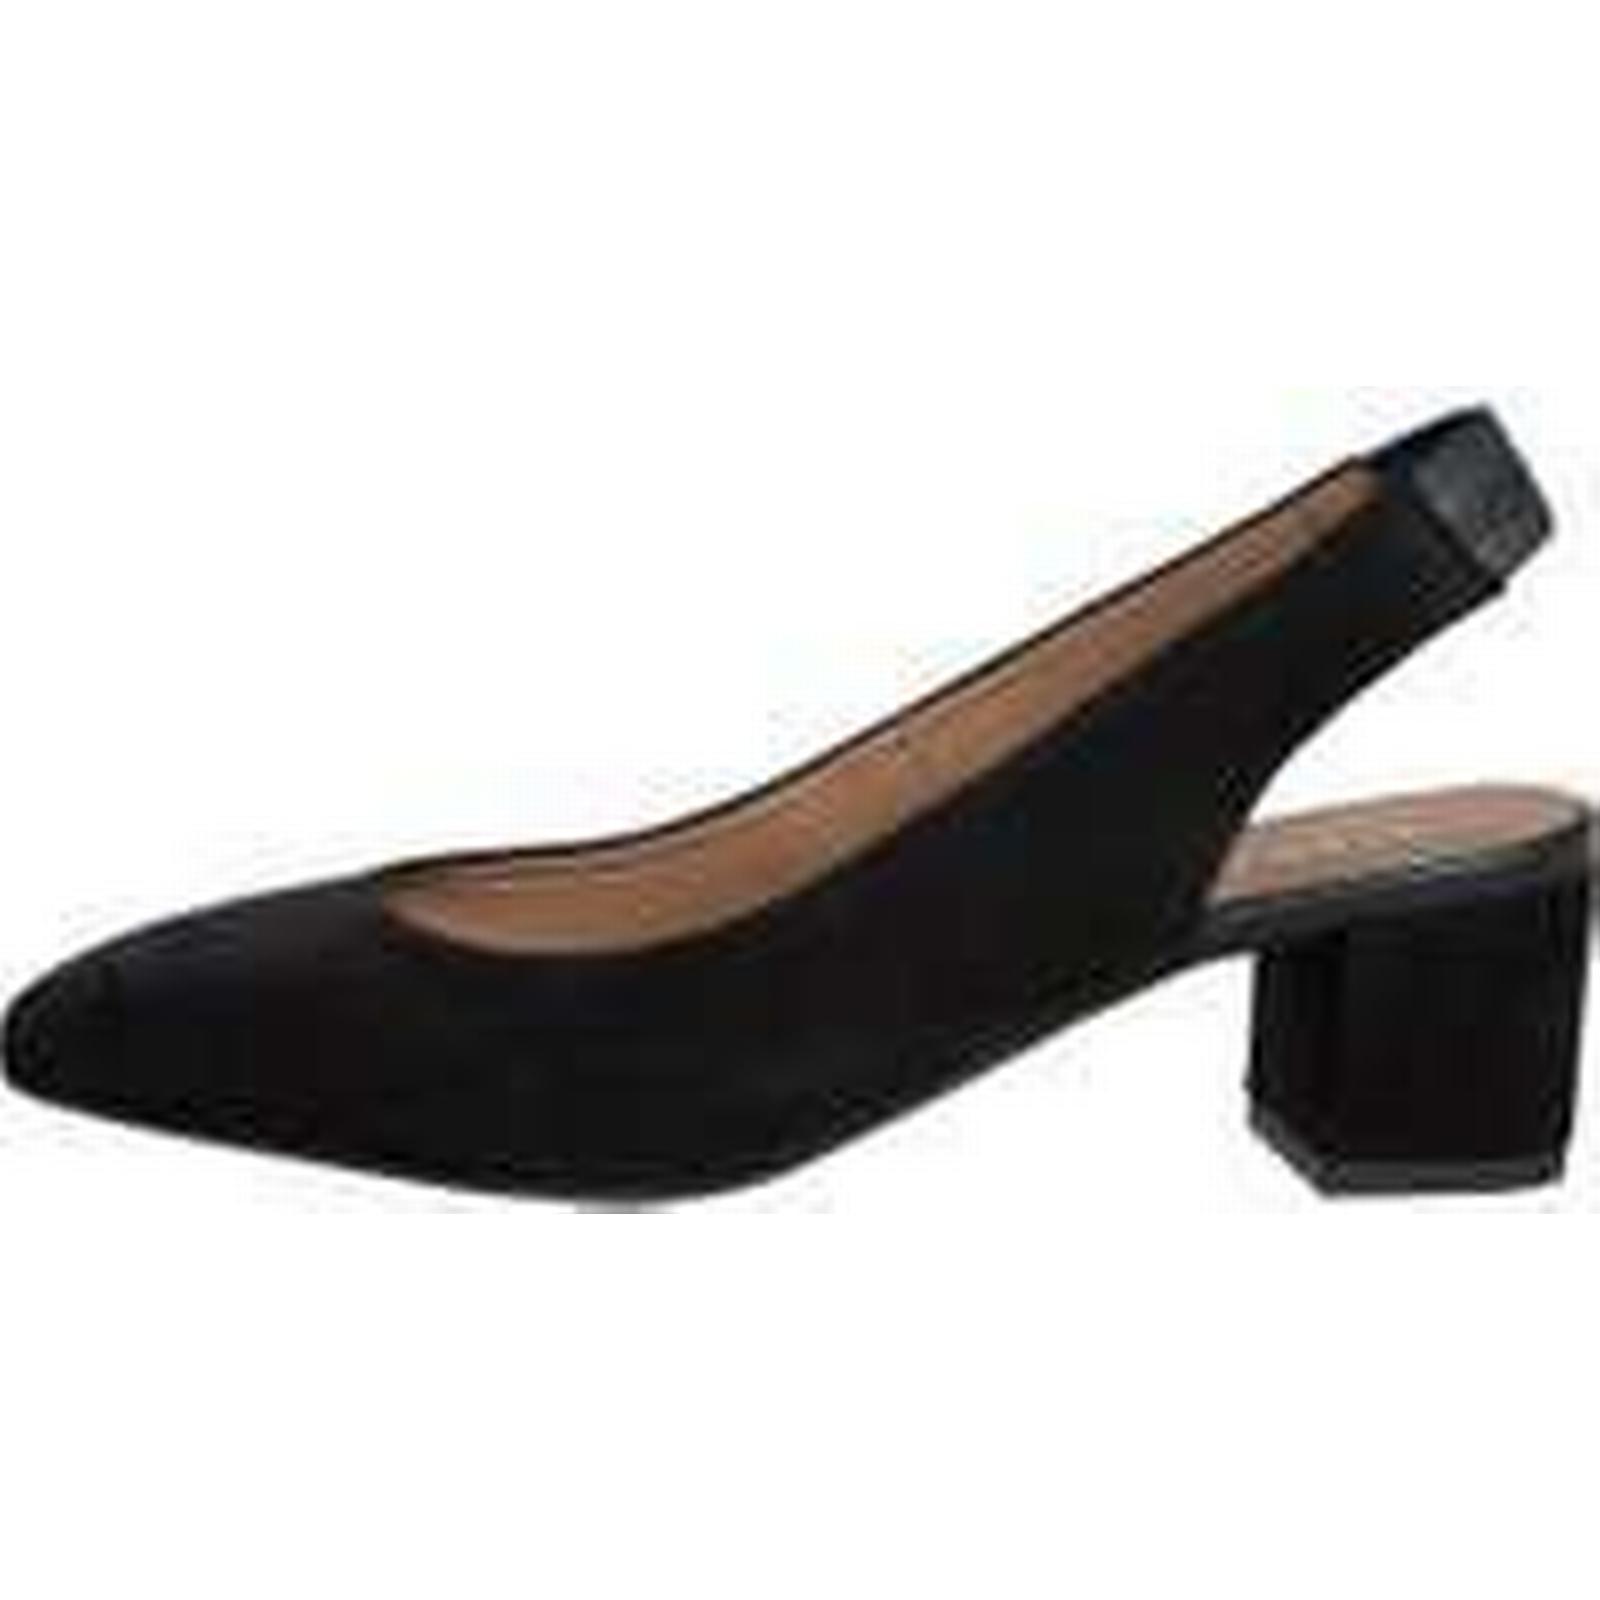 PIECES Suede Open Suede PIECES Pumps Women Black (36) 9d4a59